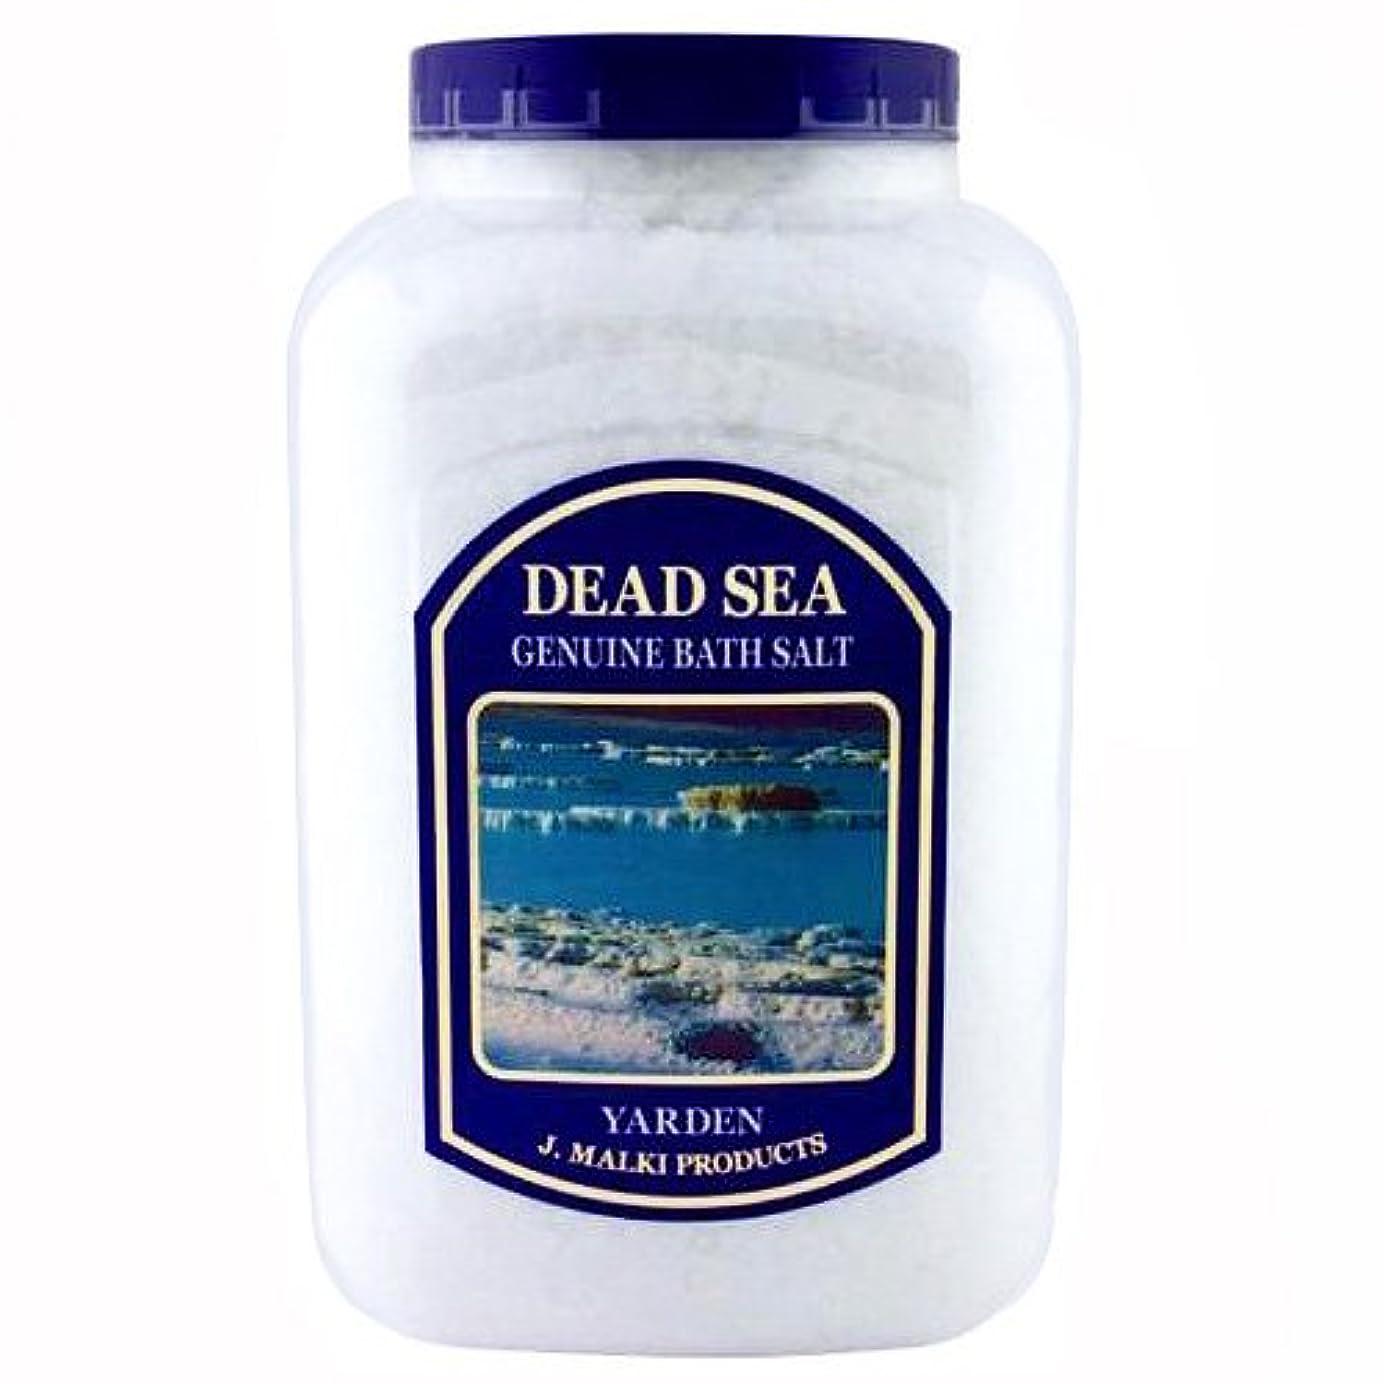 インスタント読書をする燃やすデッドシー・バスソルト 4.5kg(約45回分)【DEAD SEA BATH SALT】死海の塩/入浴剤(入浴用化粧品)【正規販売店】